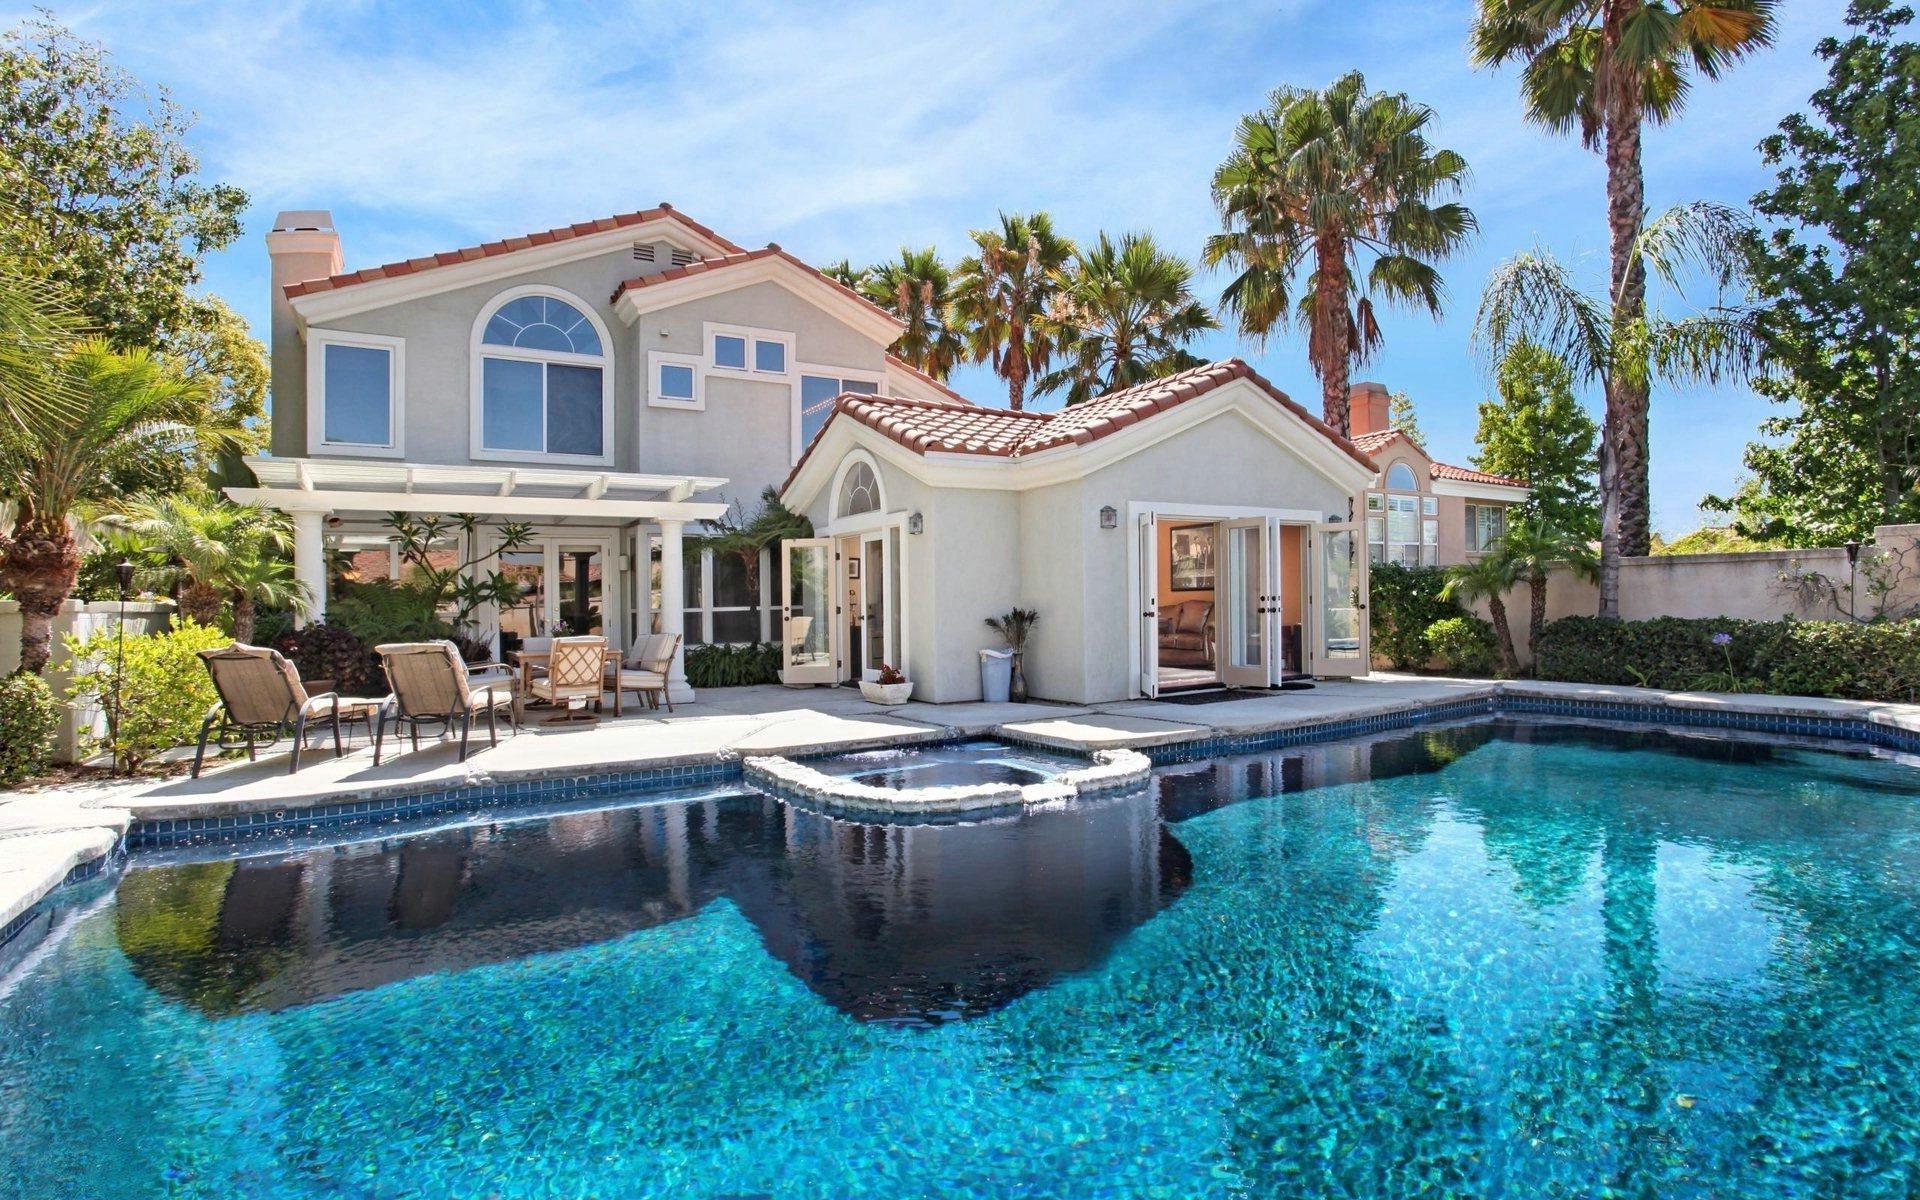 big mansion houses with pools. Black Bedroom Furniture Sets. Home Design Ideas